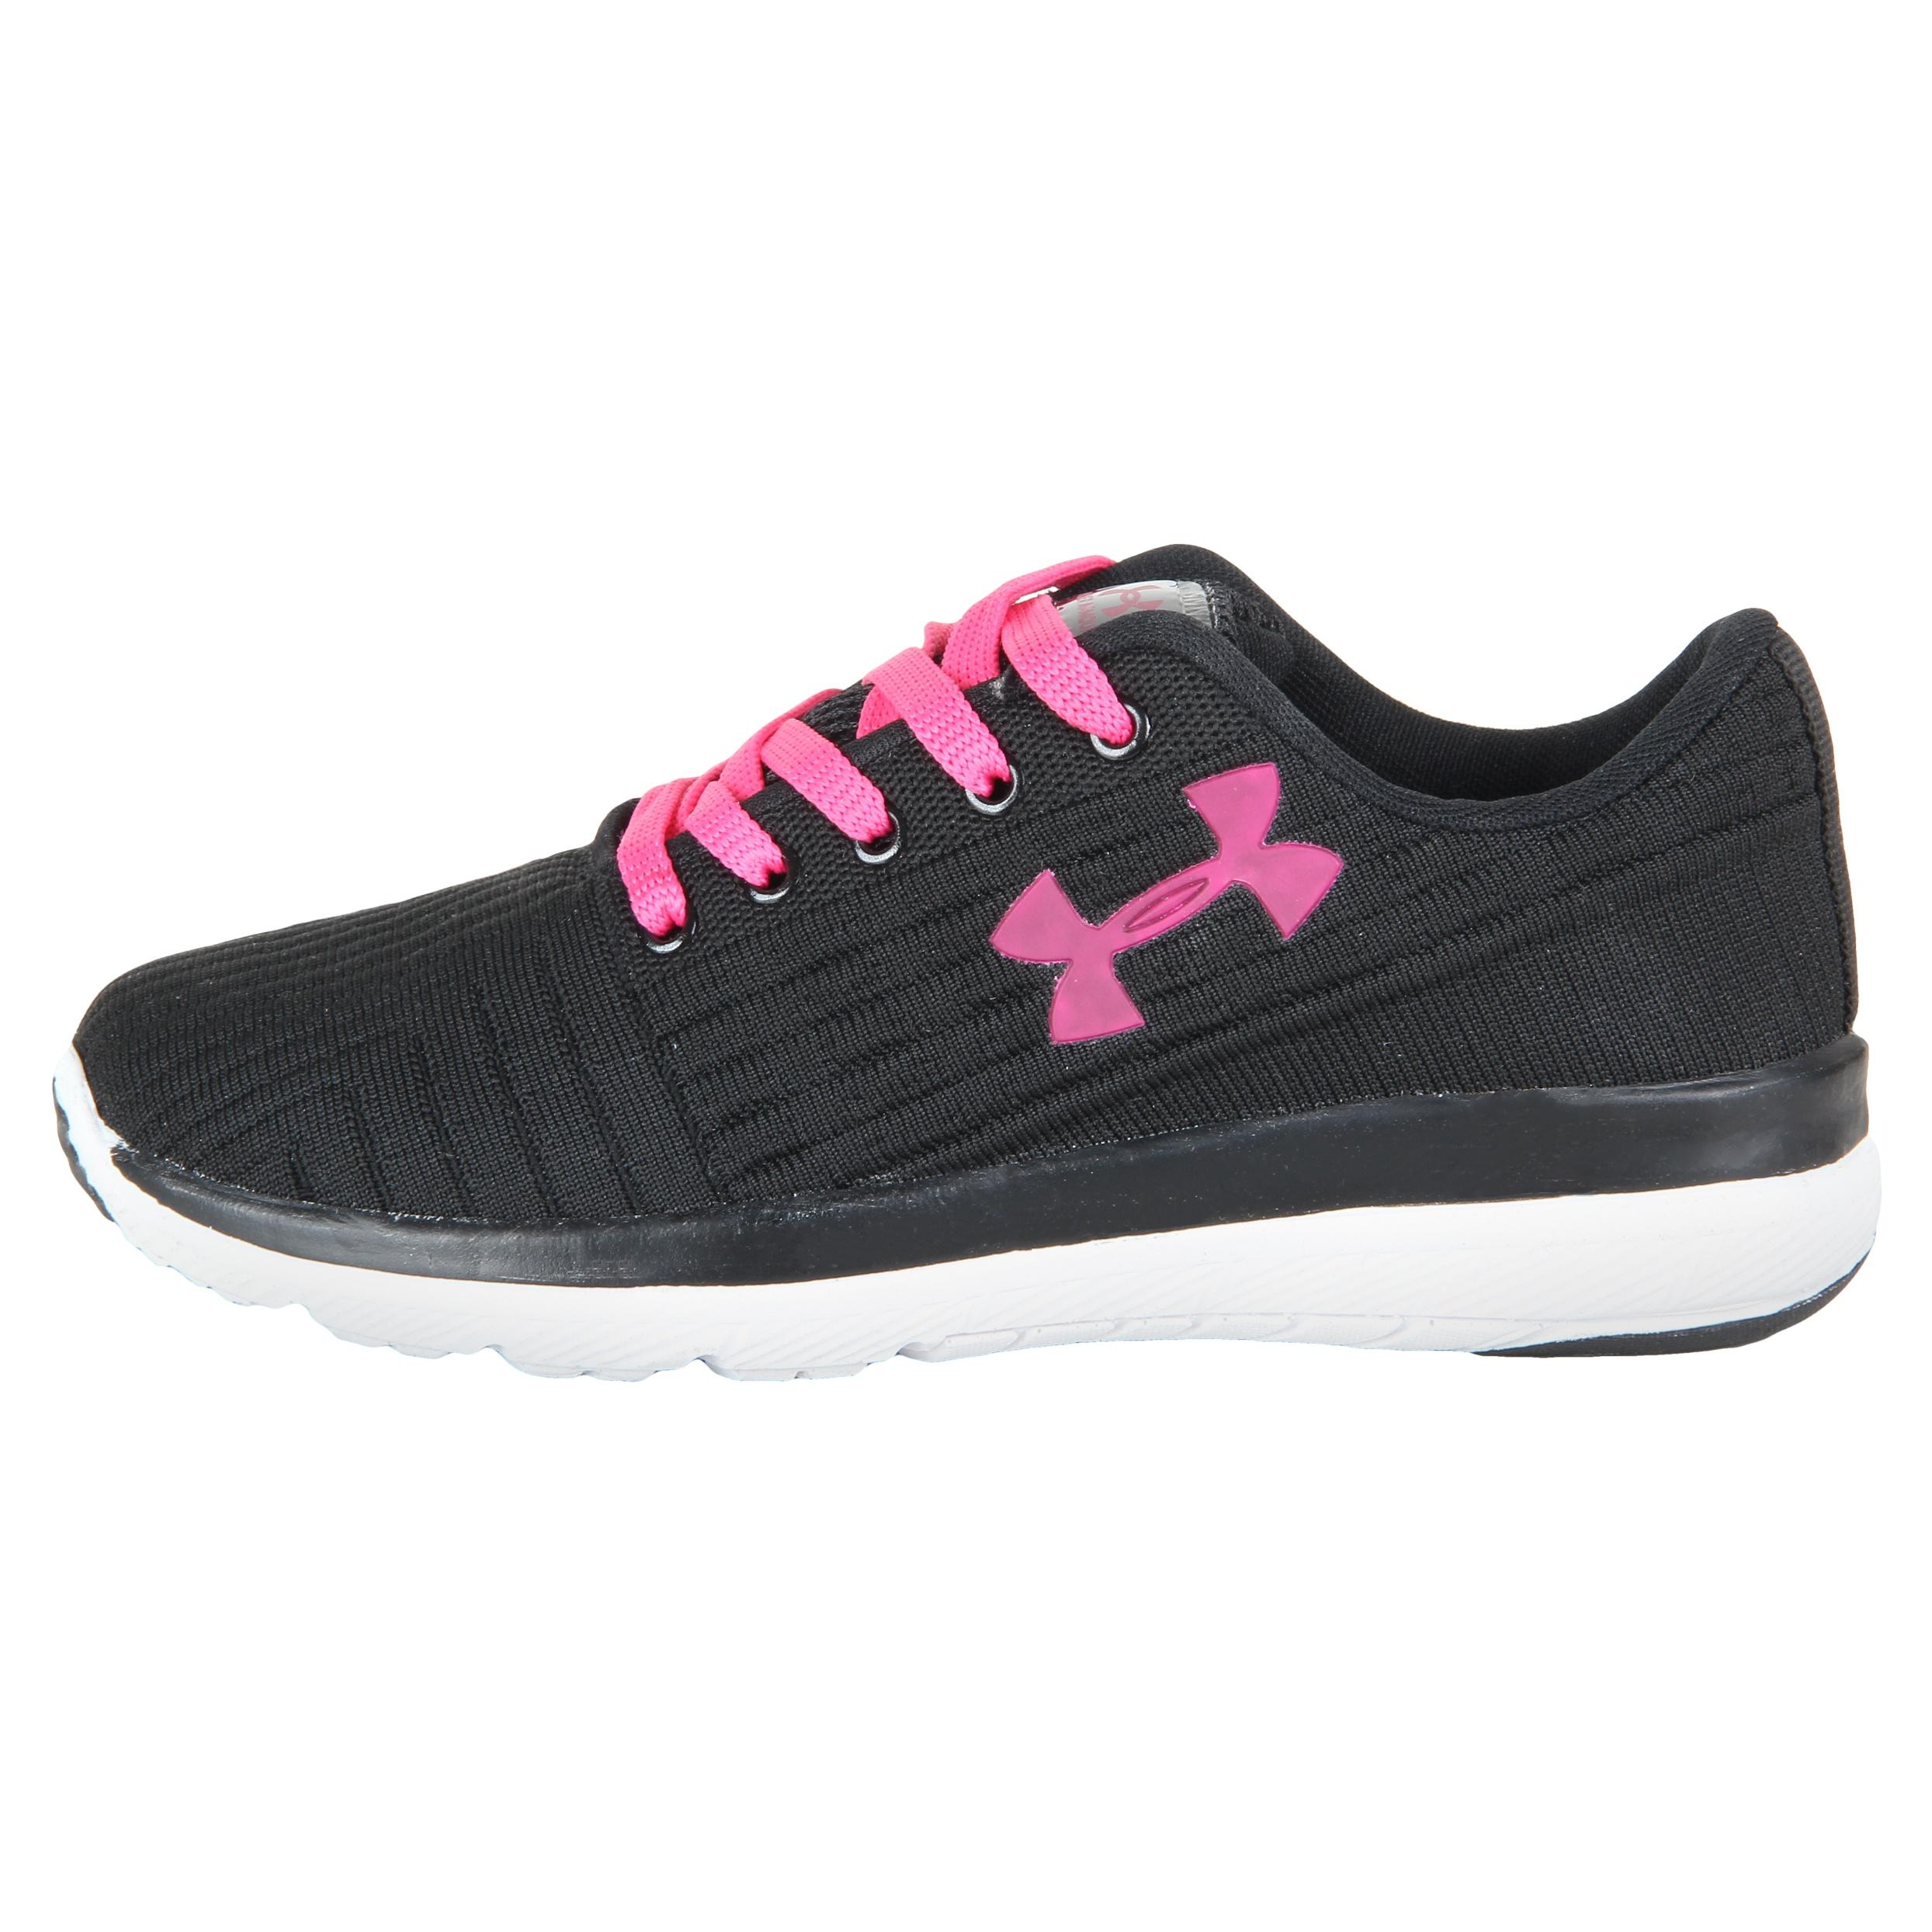 کفش مخصوص پیاده روی زنانه کد 1-1-124491